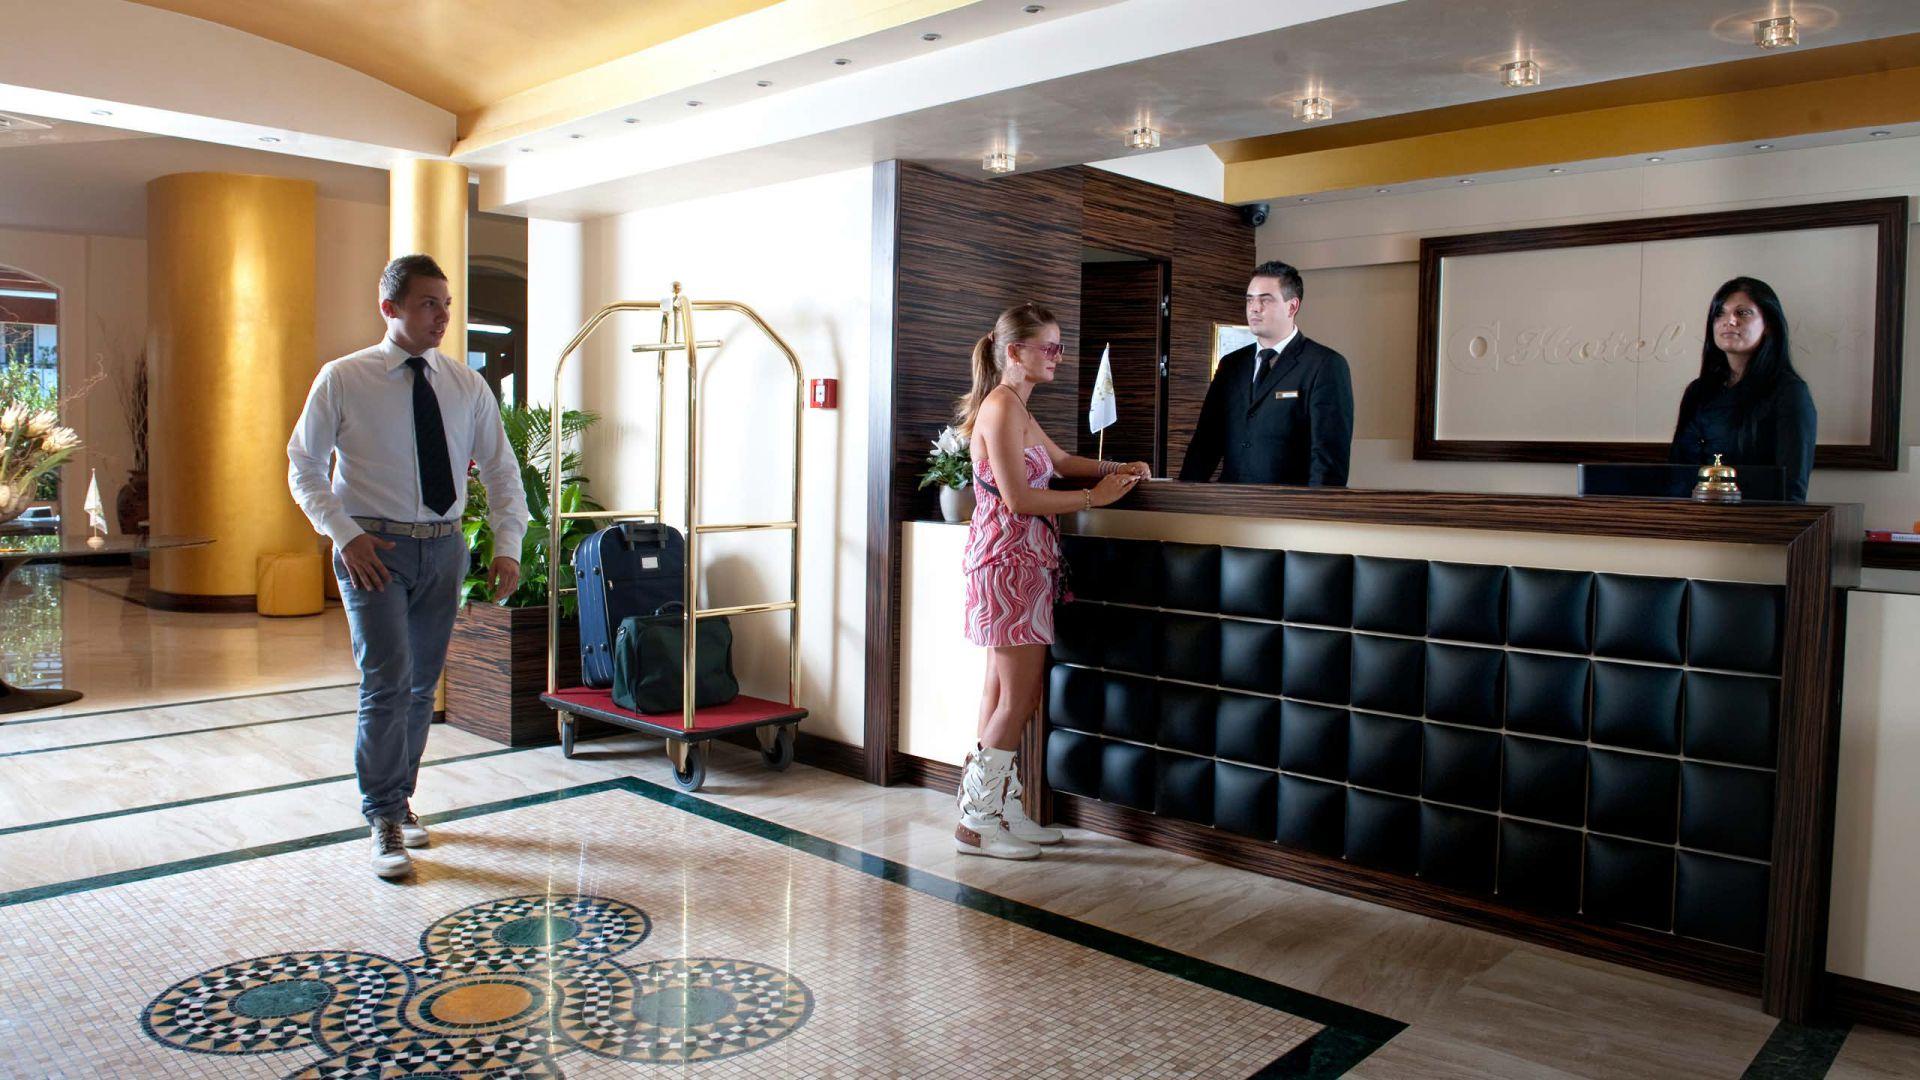 oc-hotel-roma-aree-comuni-001